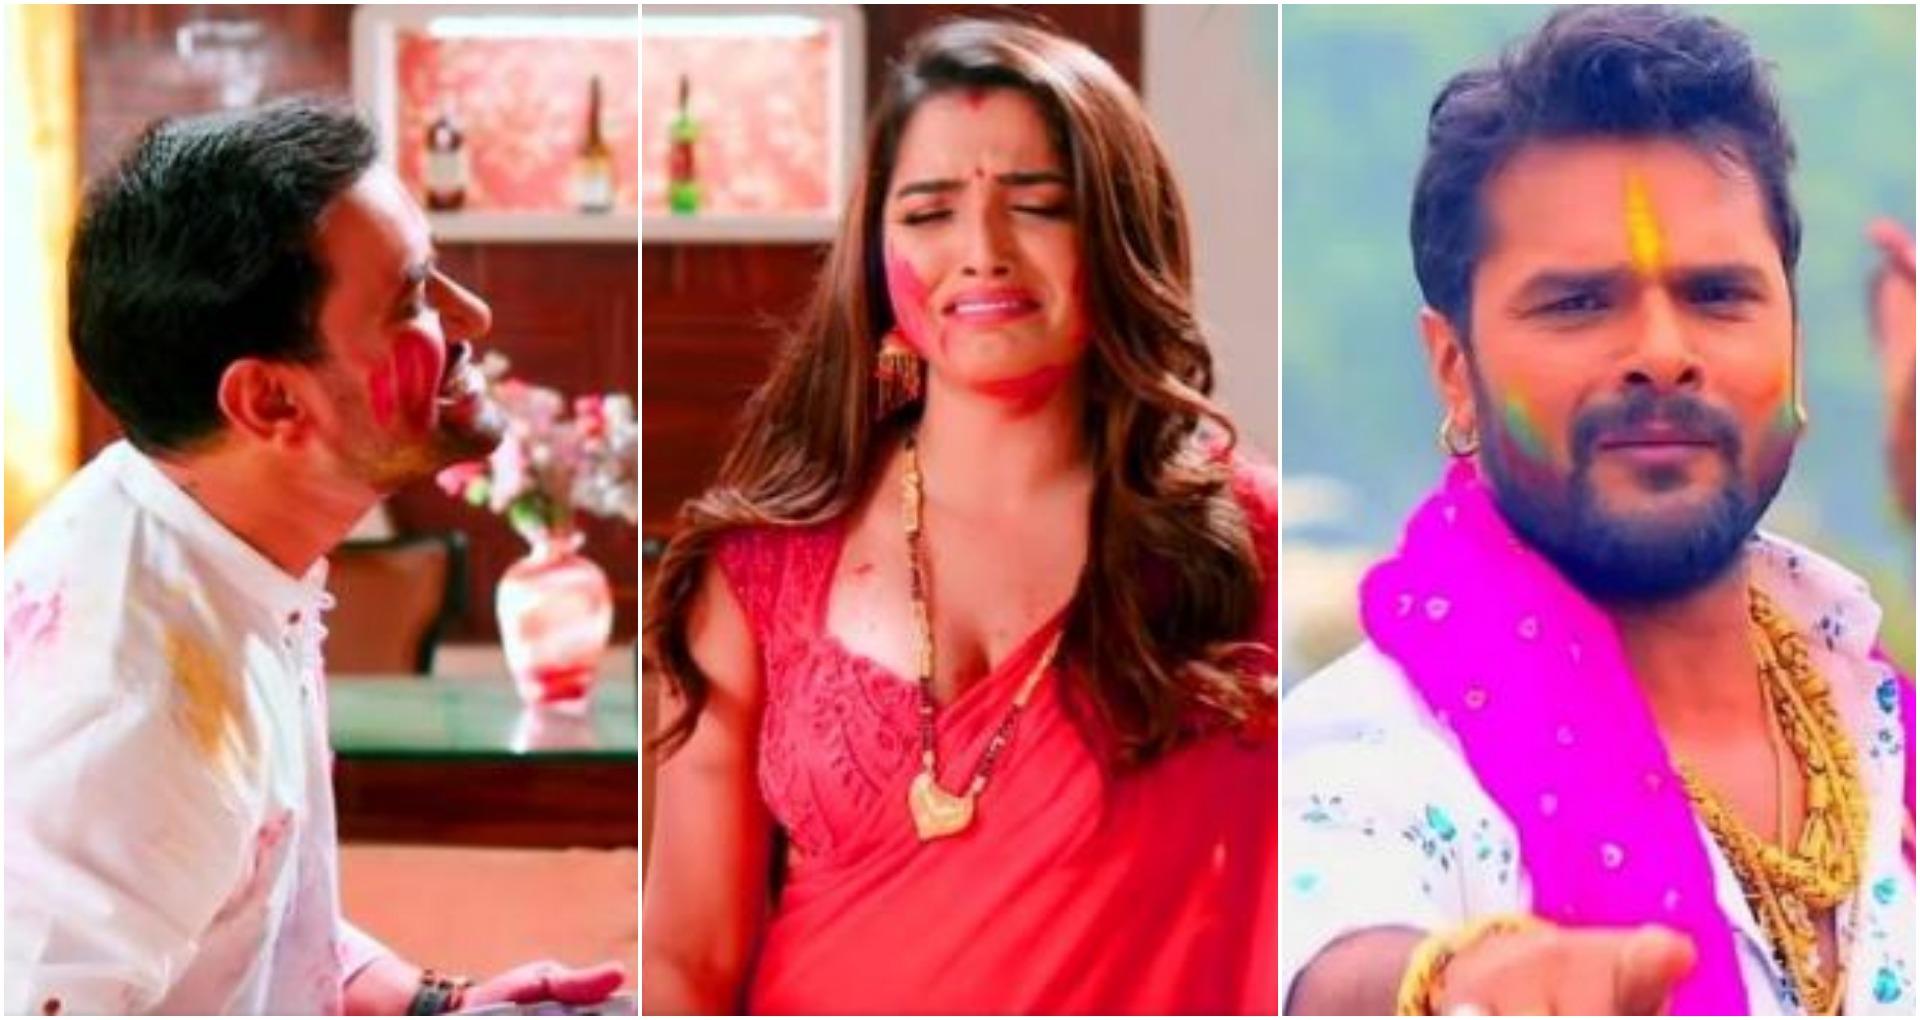 Holi 2020 Top Bhojpuri Song: पवन सिंह, खेसारी लाल और निरहुआ ने होली में अपने गानों से मचाया धमाल